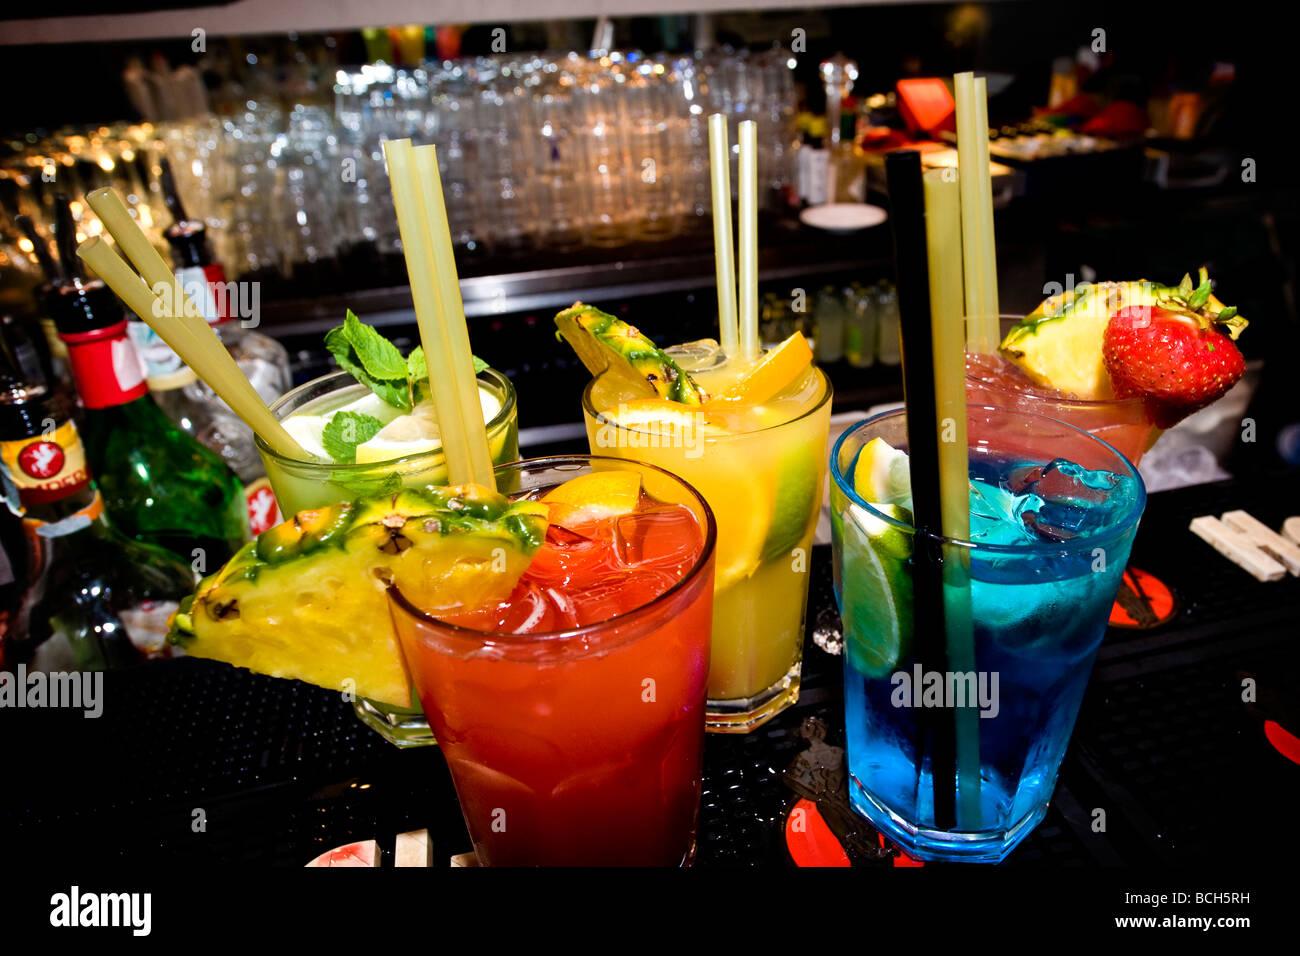 cocktails corso como milan italy - Stock Image